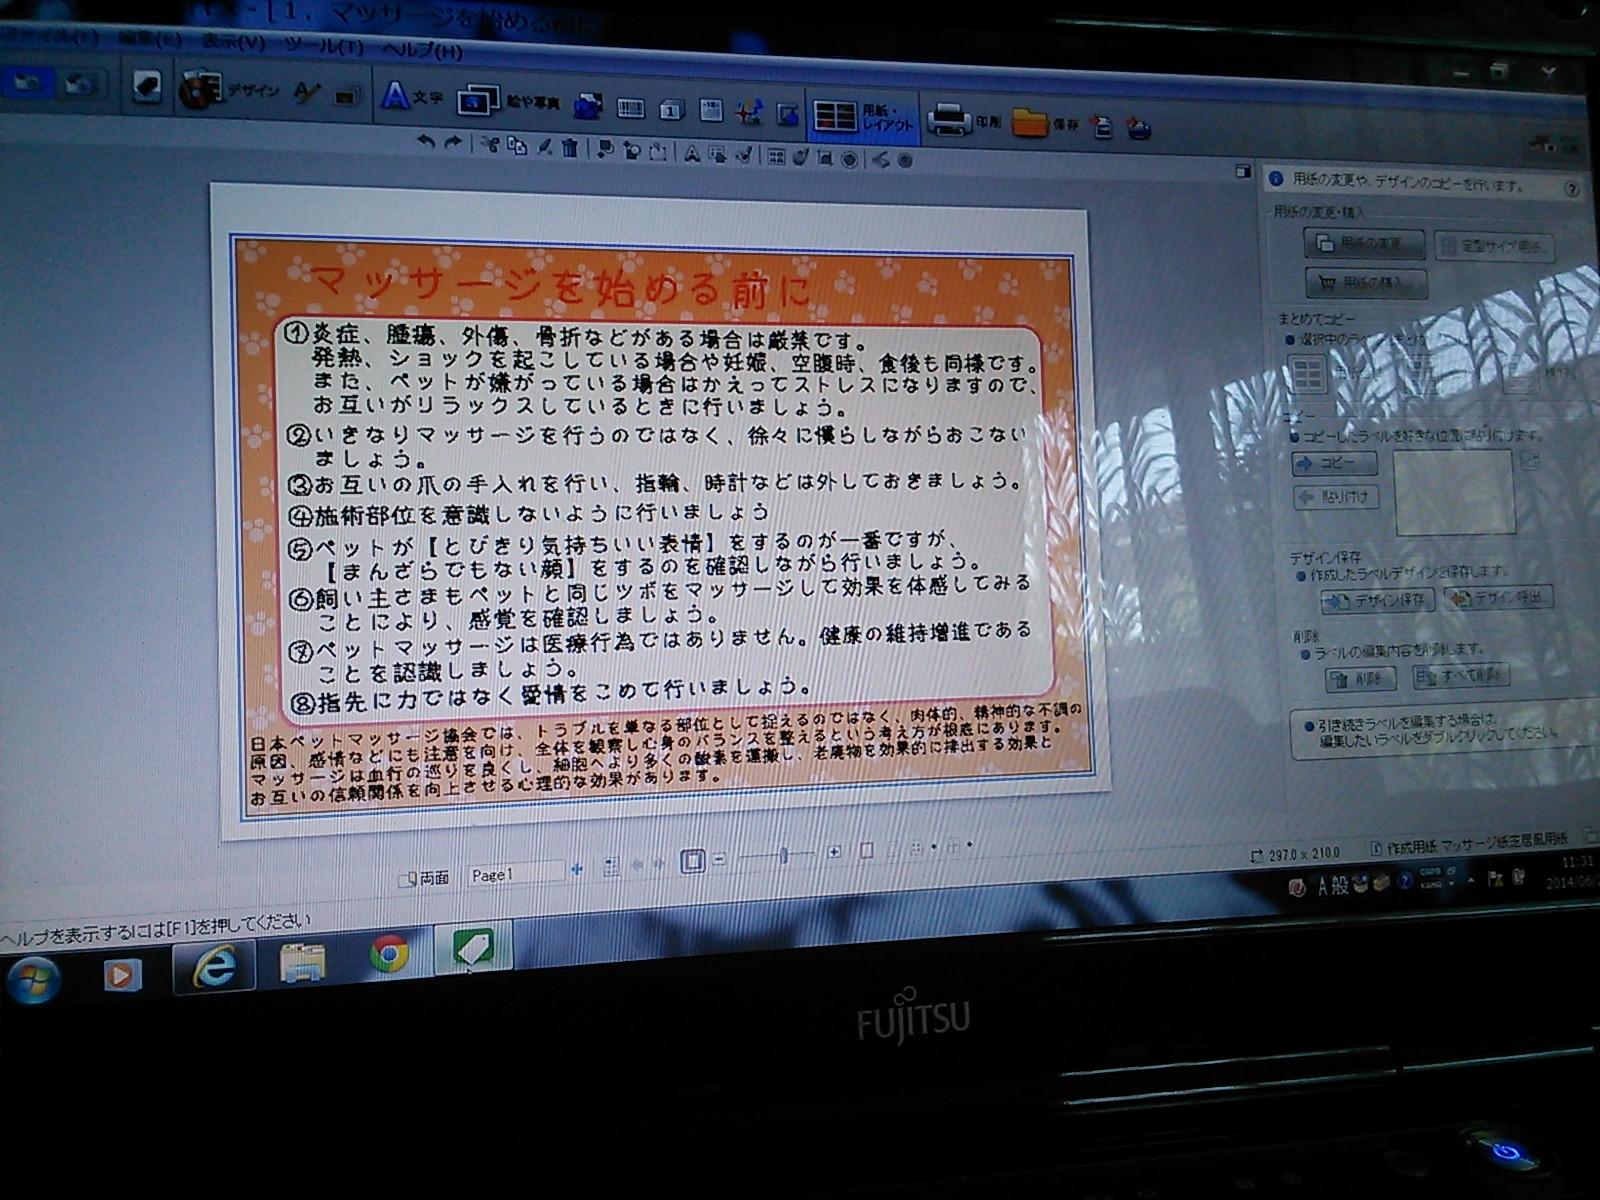 NCM_0810A.jpg